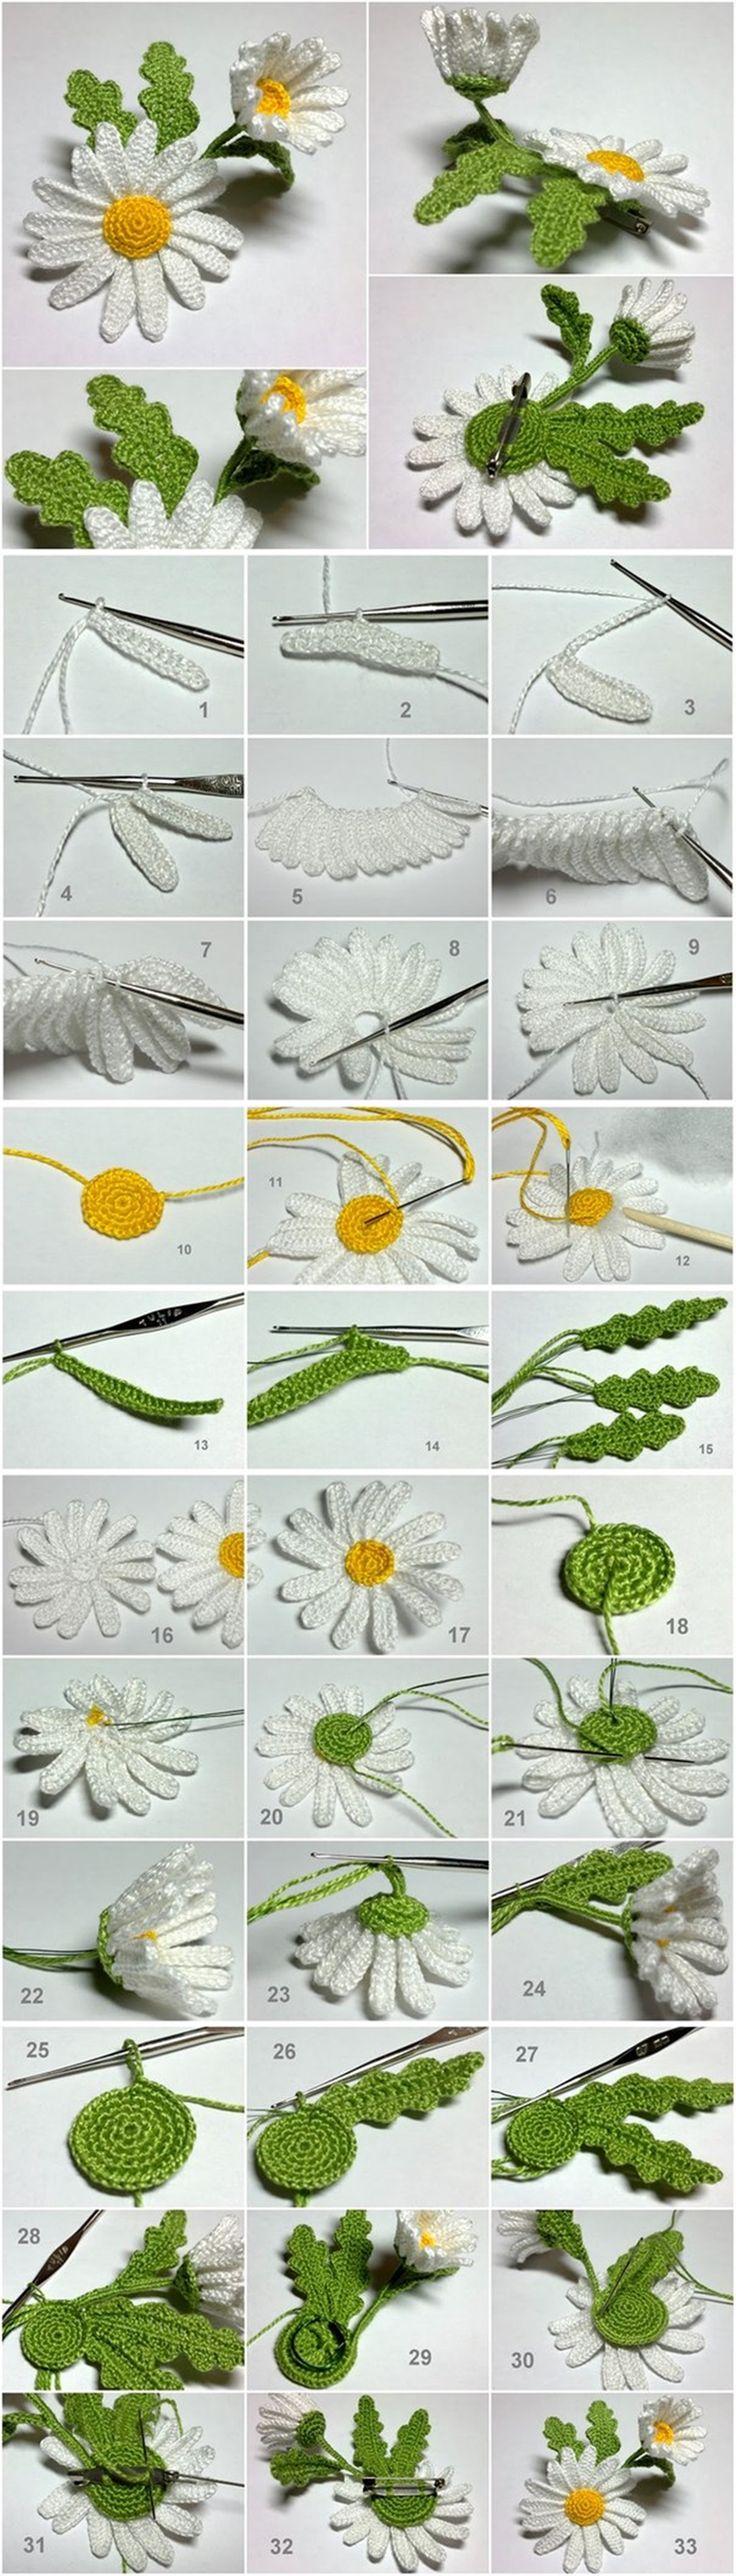 crochet 3D daisy tutorial